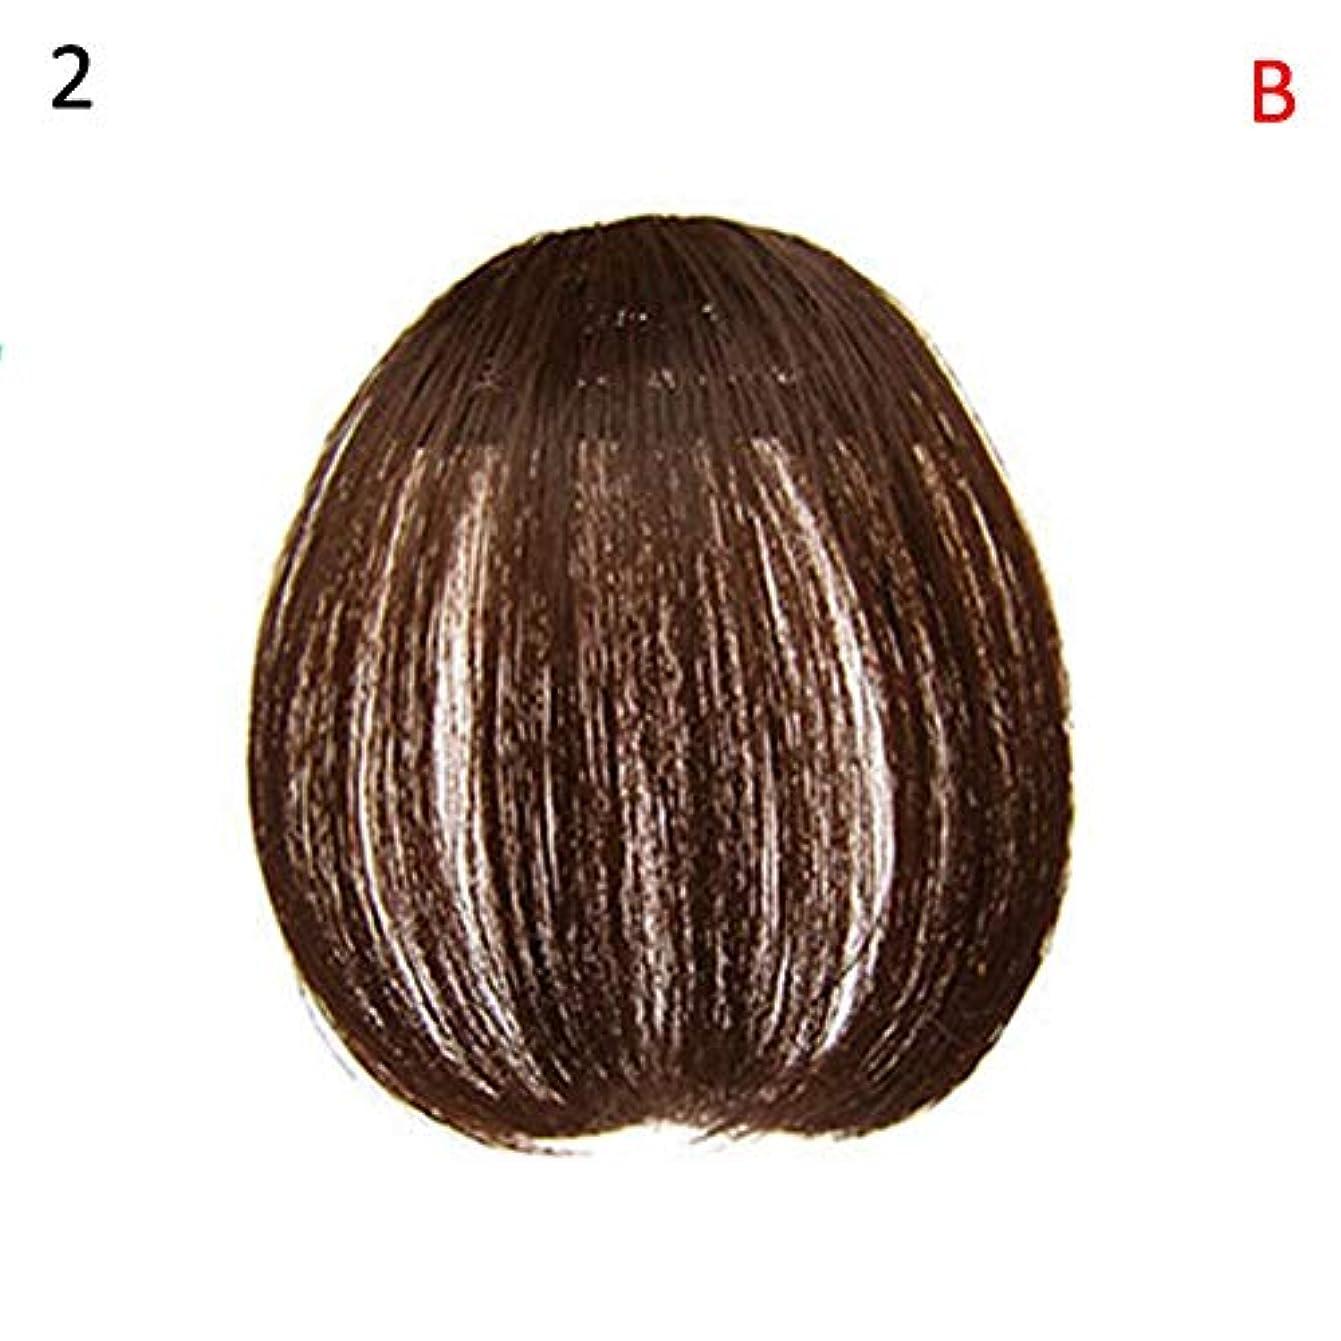 慰めダウンタウン土砂降りslQinjiansav女性ウィッグ修理ツールファッションレディース薄いクリップオンエアバンフロントフリンジウィッグヘアエクステンションヘアピース